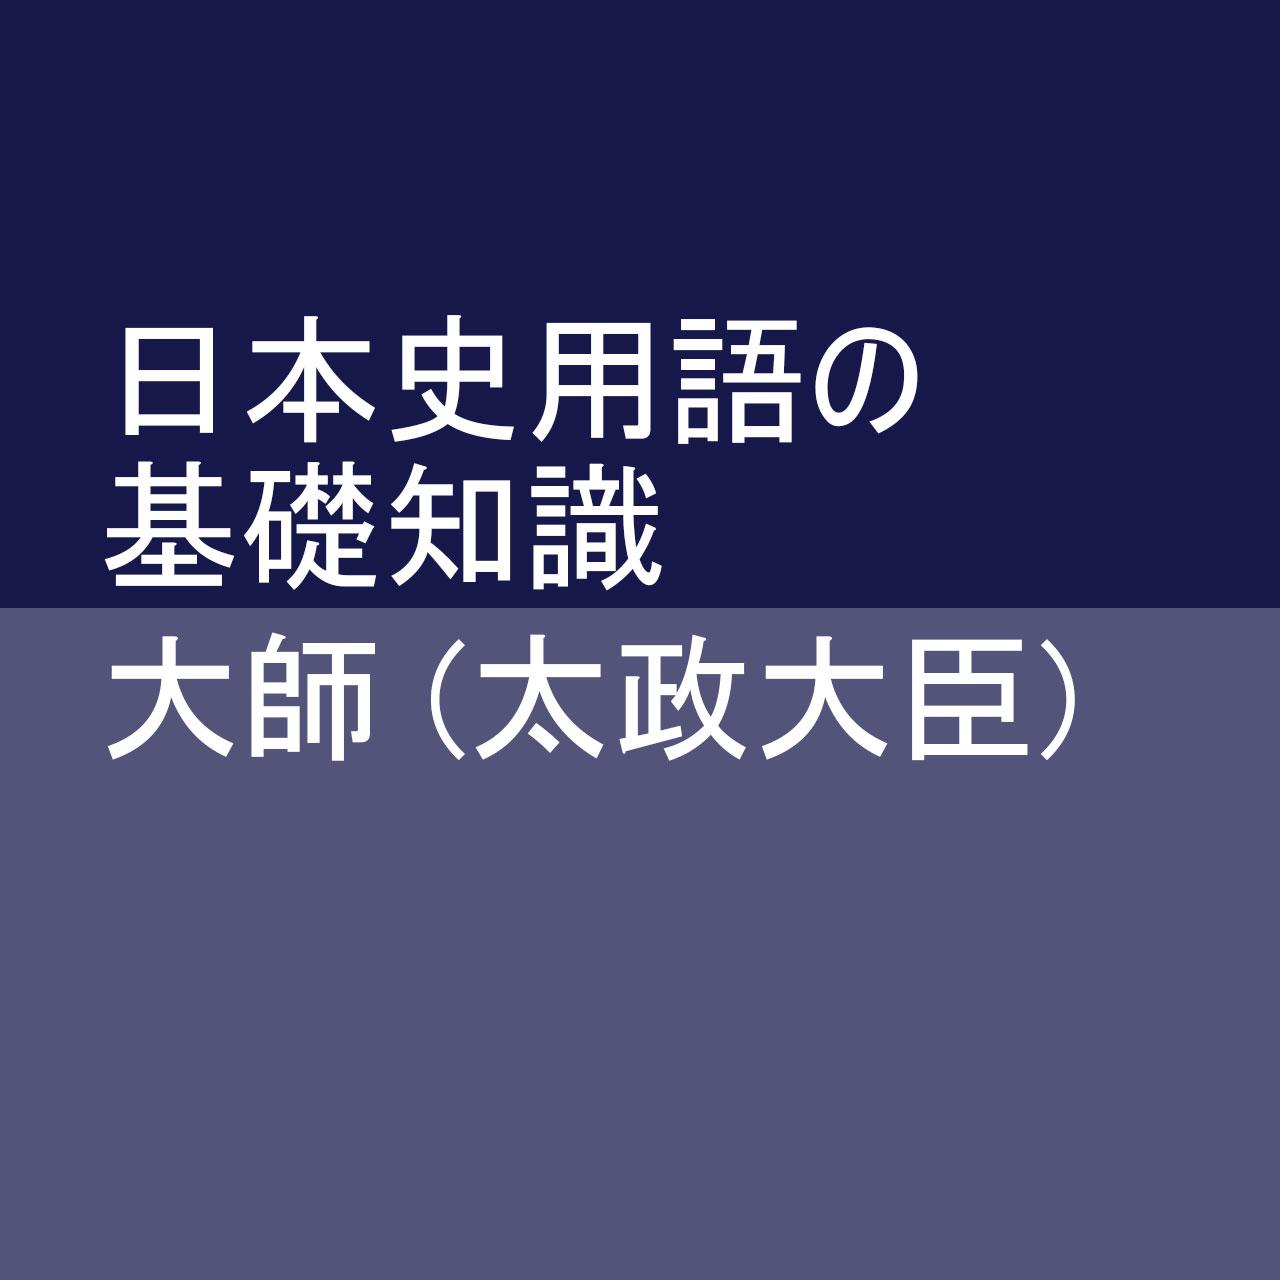 大師(太政大臣)